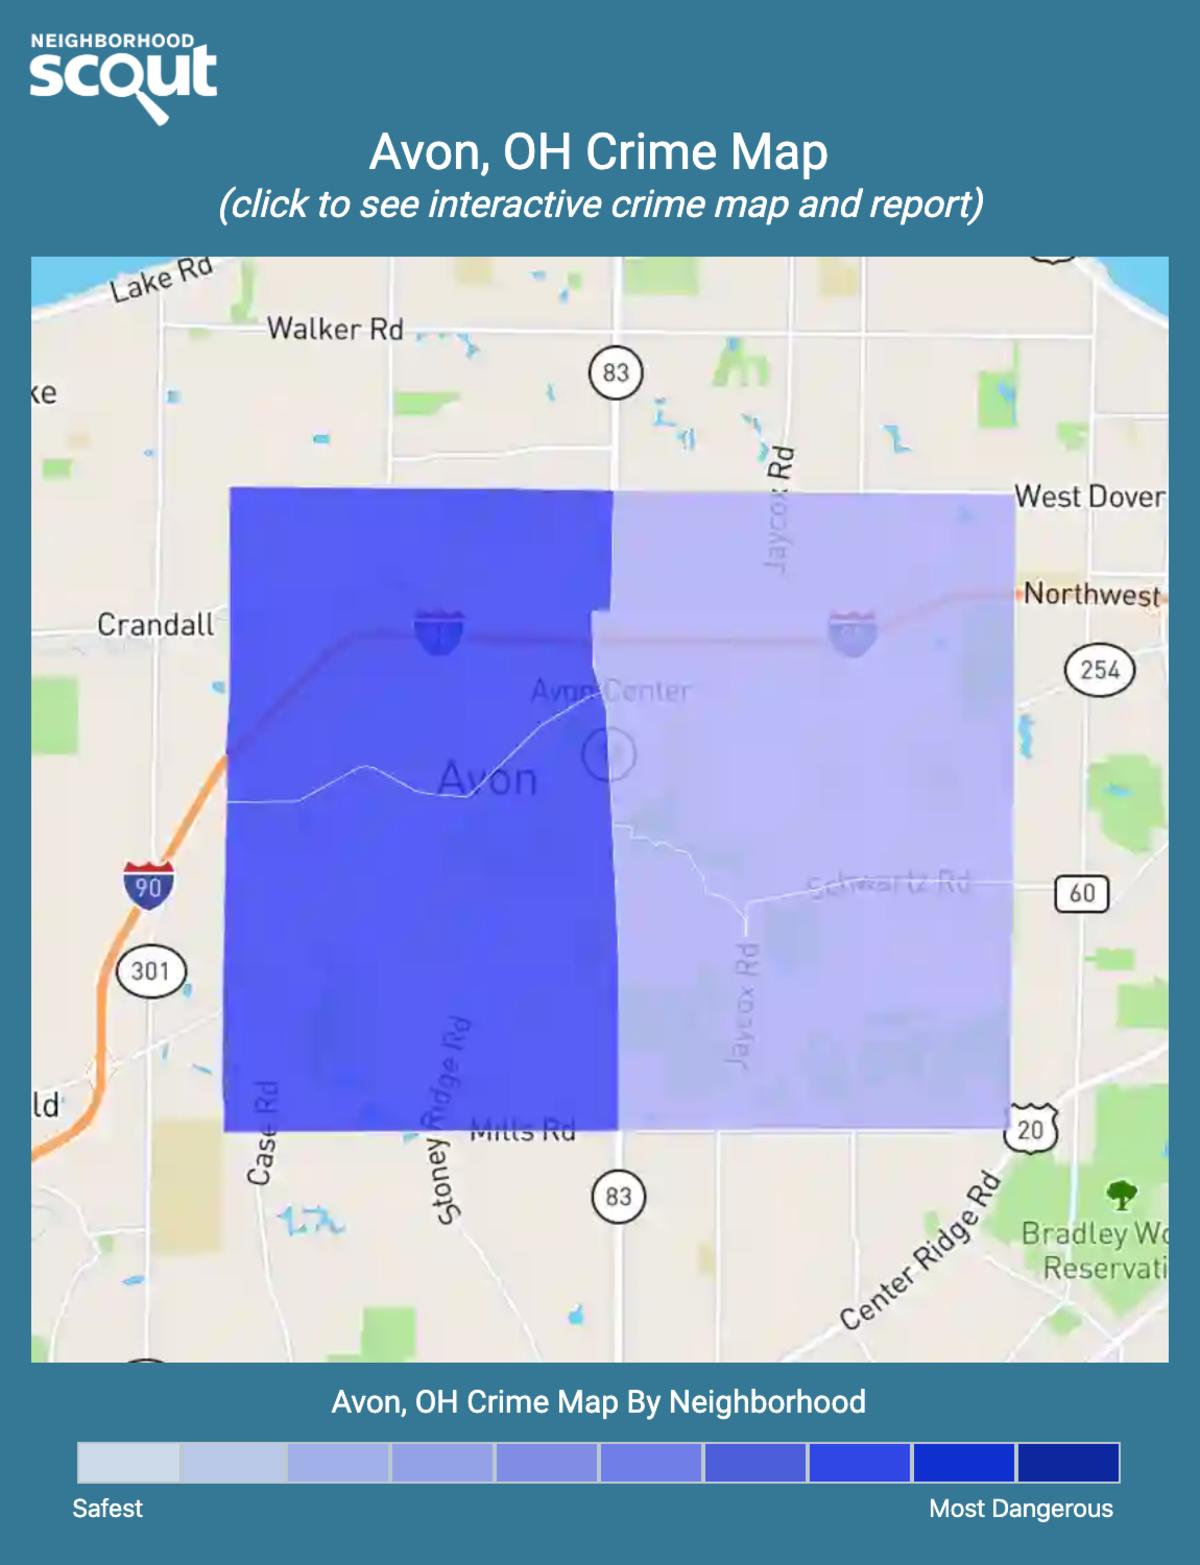 Avon, Ohio crime map